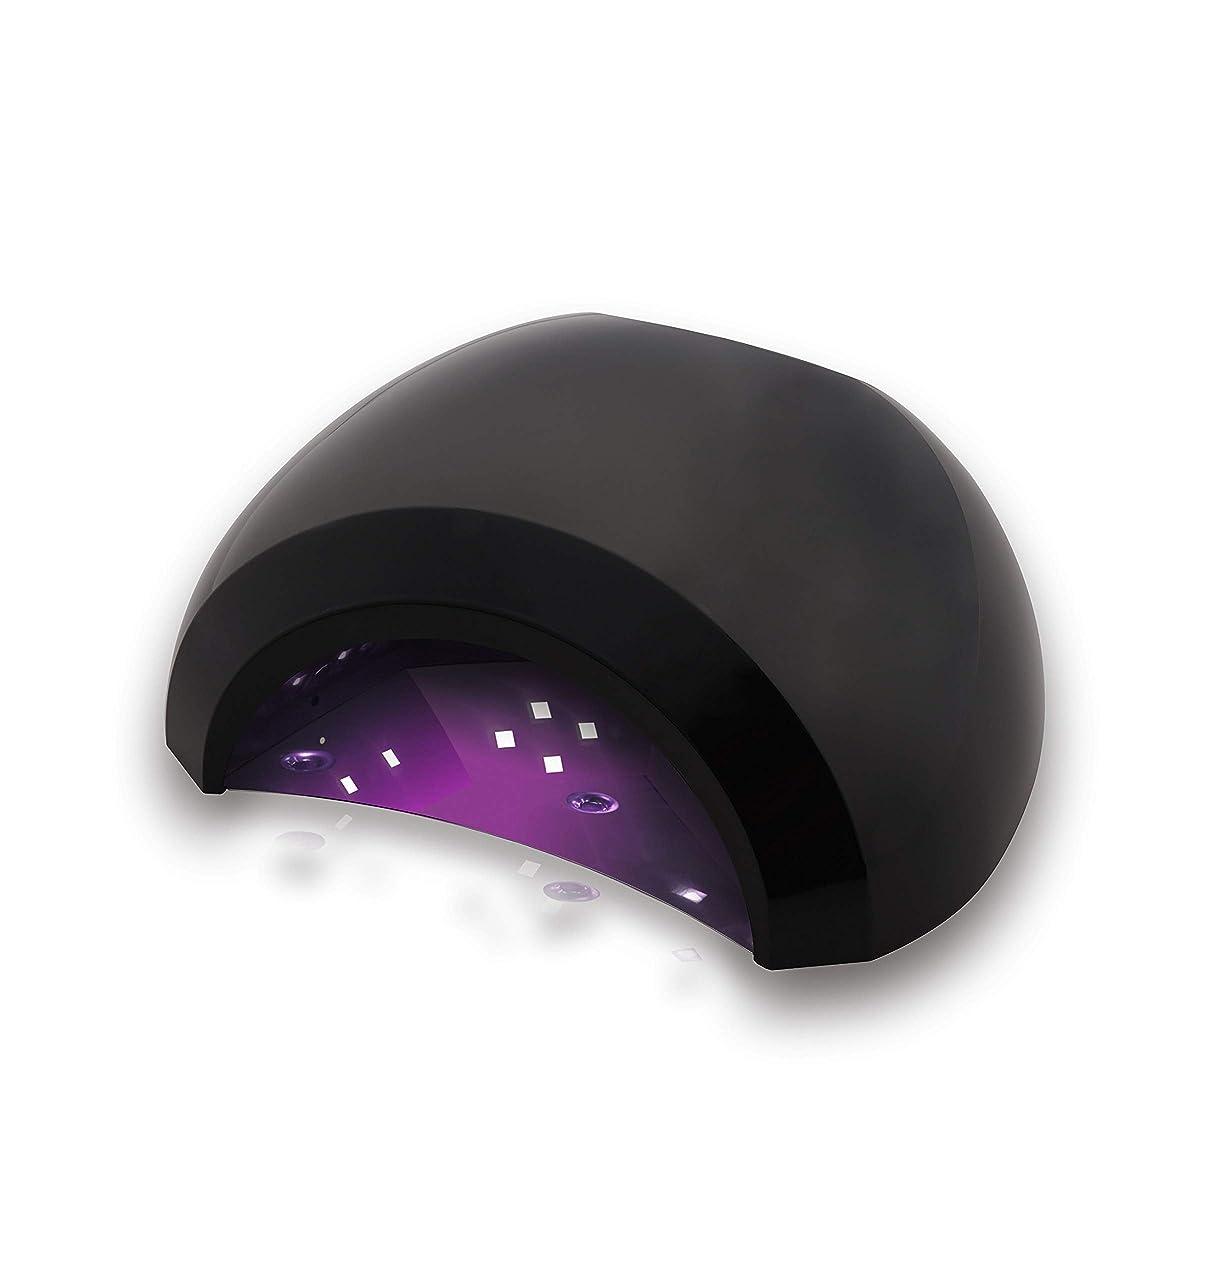 その過剰風変わりなAokitec UV LED ネイルドライヤー 48w高速硬化ネイルライト 人感センサーとタイマー付 時間メモリ 手足両用ネイルランプ 全ジェル対応 レジンにも使える 日本語説明書付【一年間保証】 …